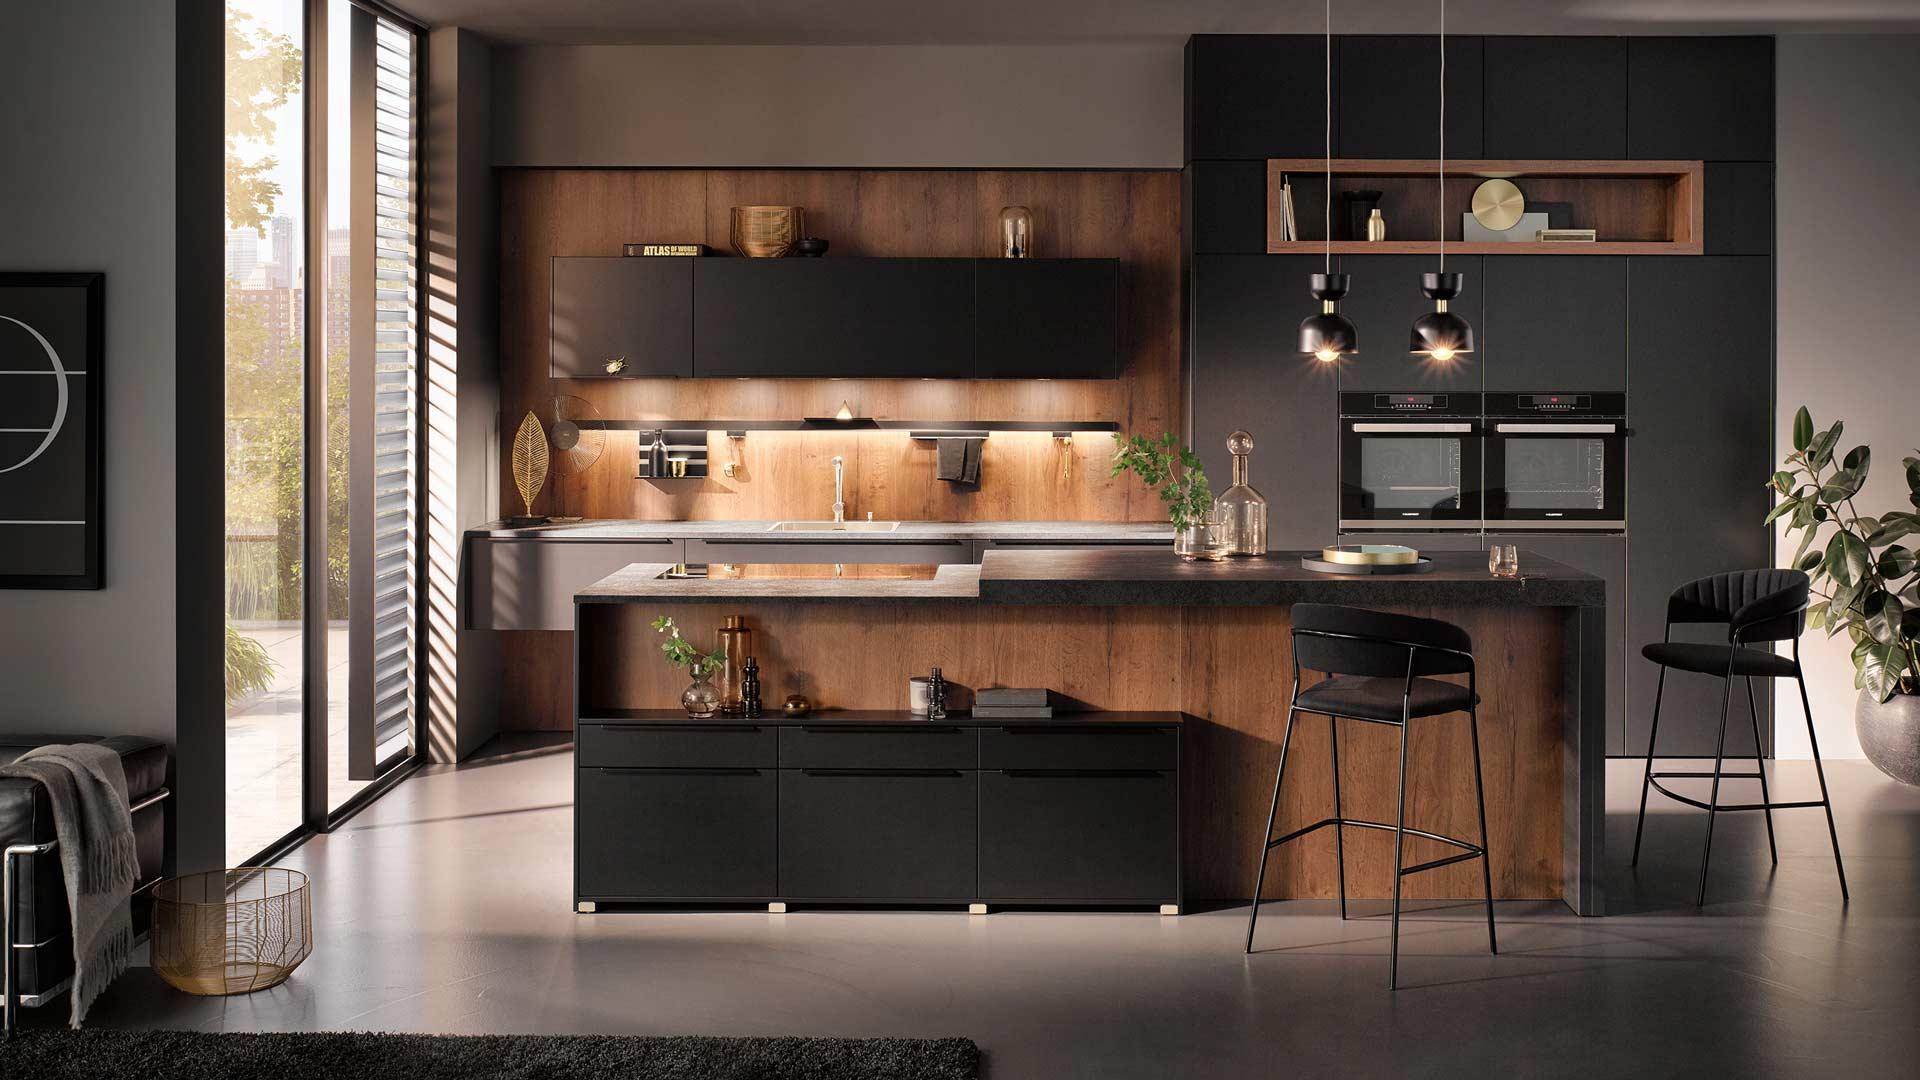 Küchentrends 2020 Häcker Mattlack im Miele Center preissegger